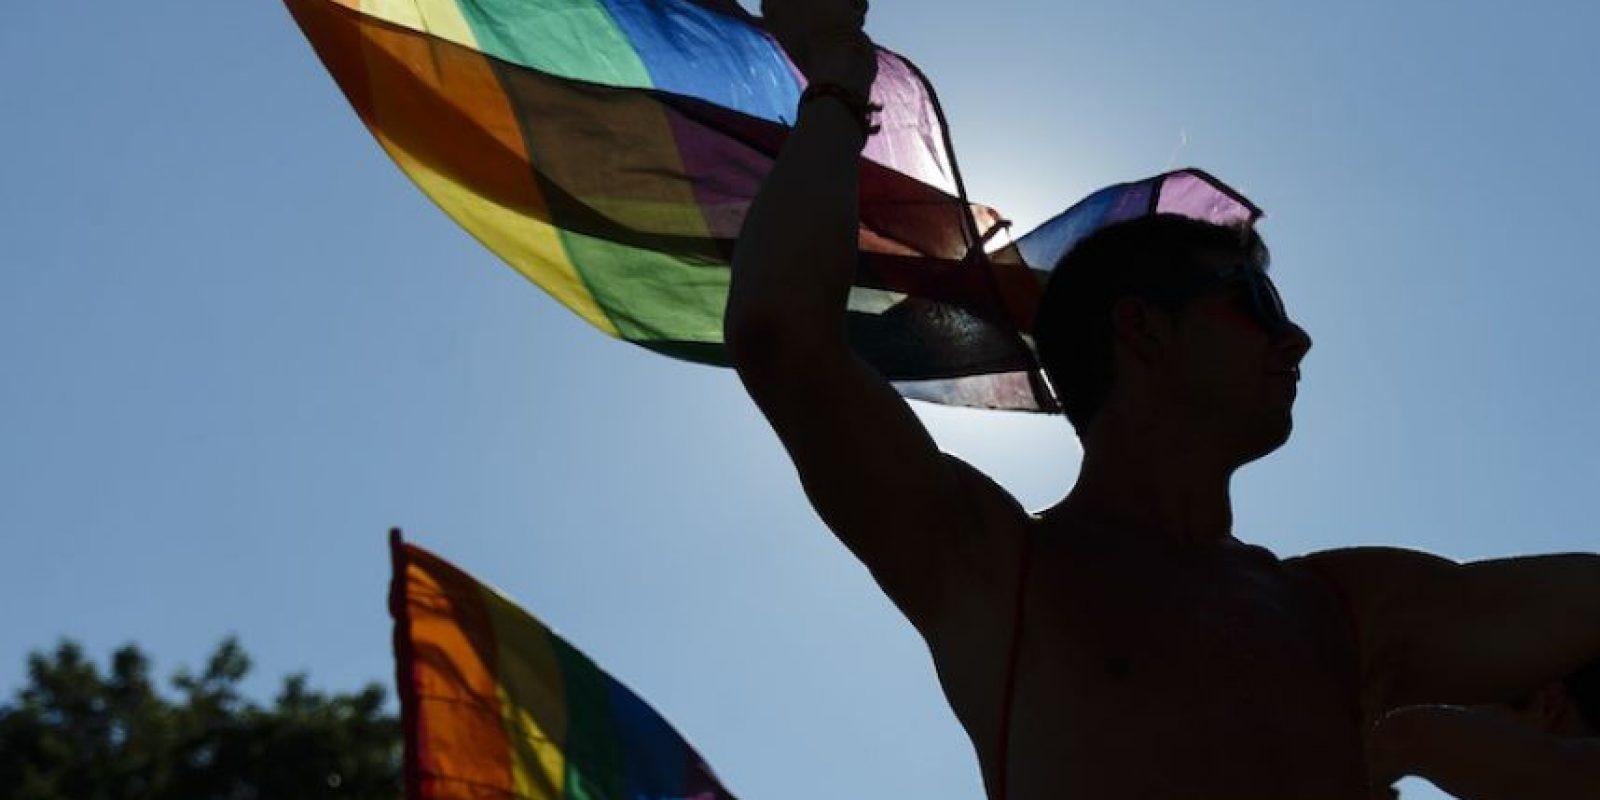 Asistentes ondean banderas durante el desfile gay en Madrid, España, el sábado 2 de julio de 2016. Foto:AP. Imagen Por: